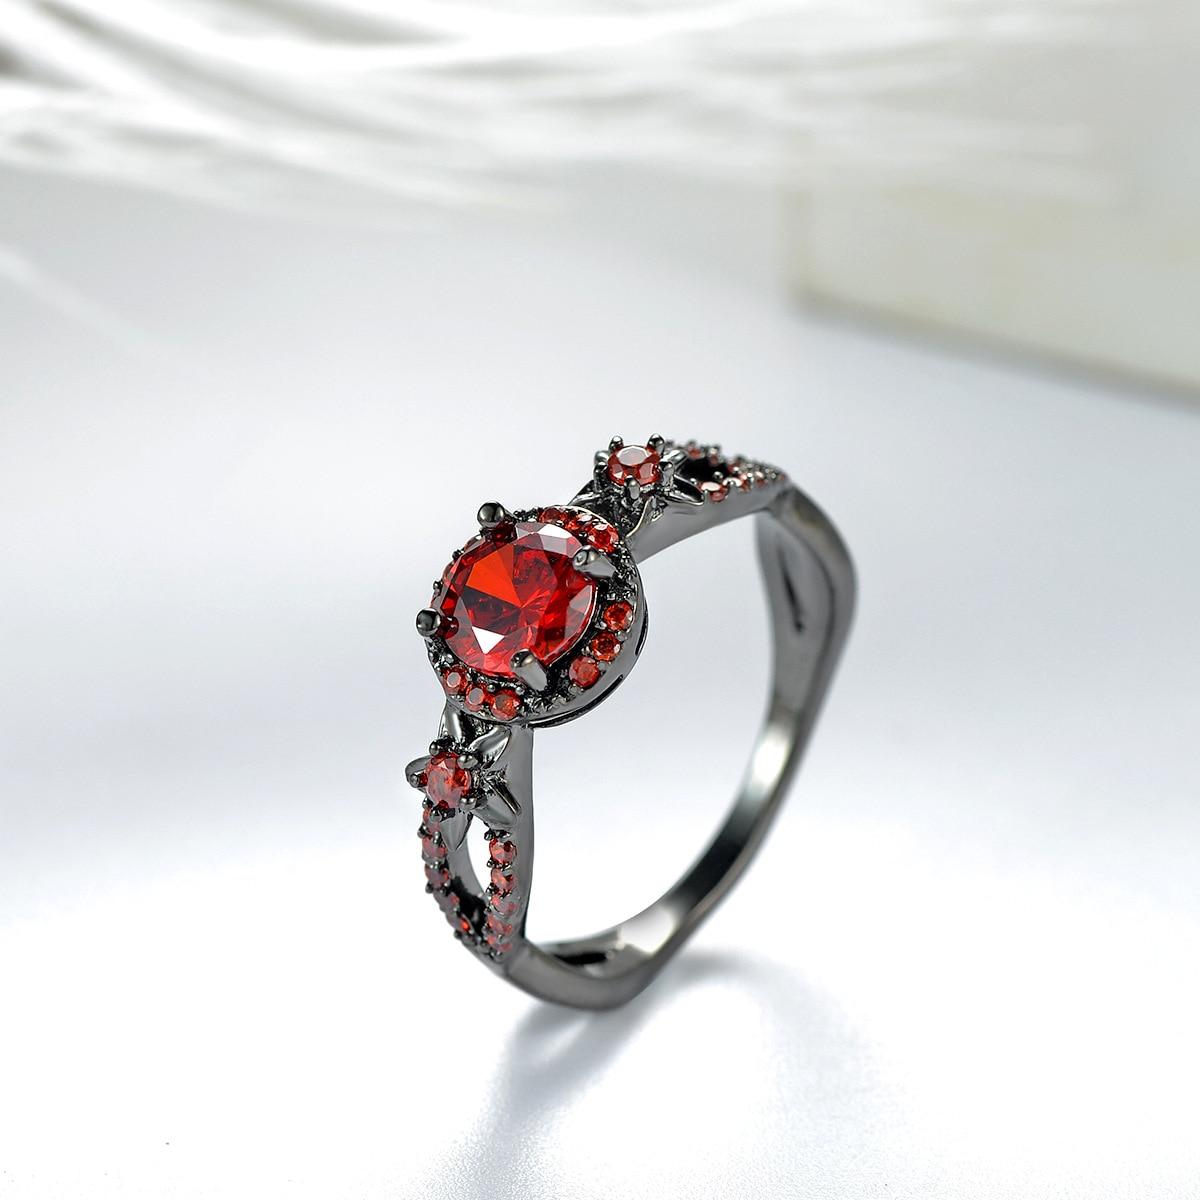 Новинка 2017 года Винтаж красный гранат черное золото заполненные красное кольцо Для женщин Свадебные украшения Обручение обещание Кольца